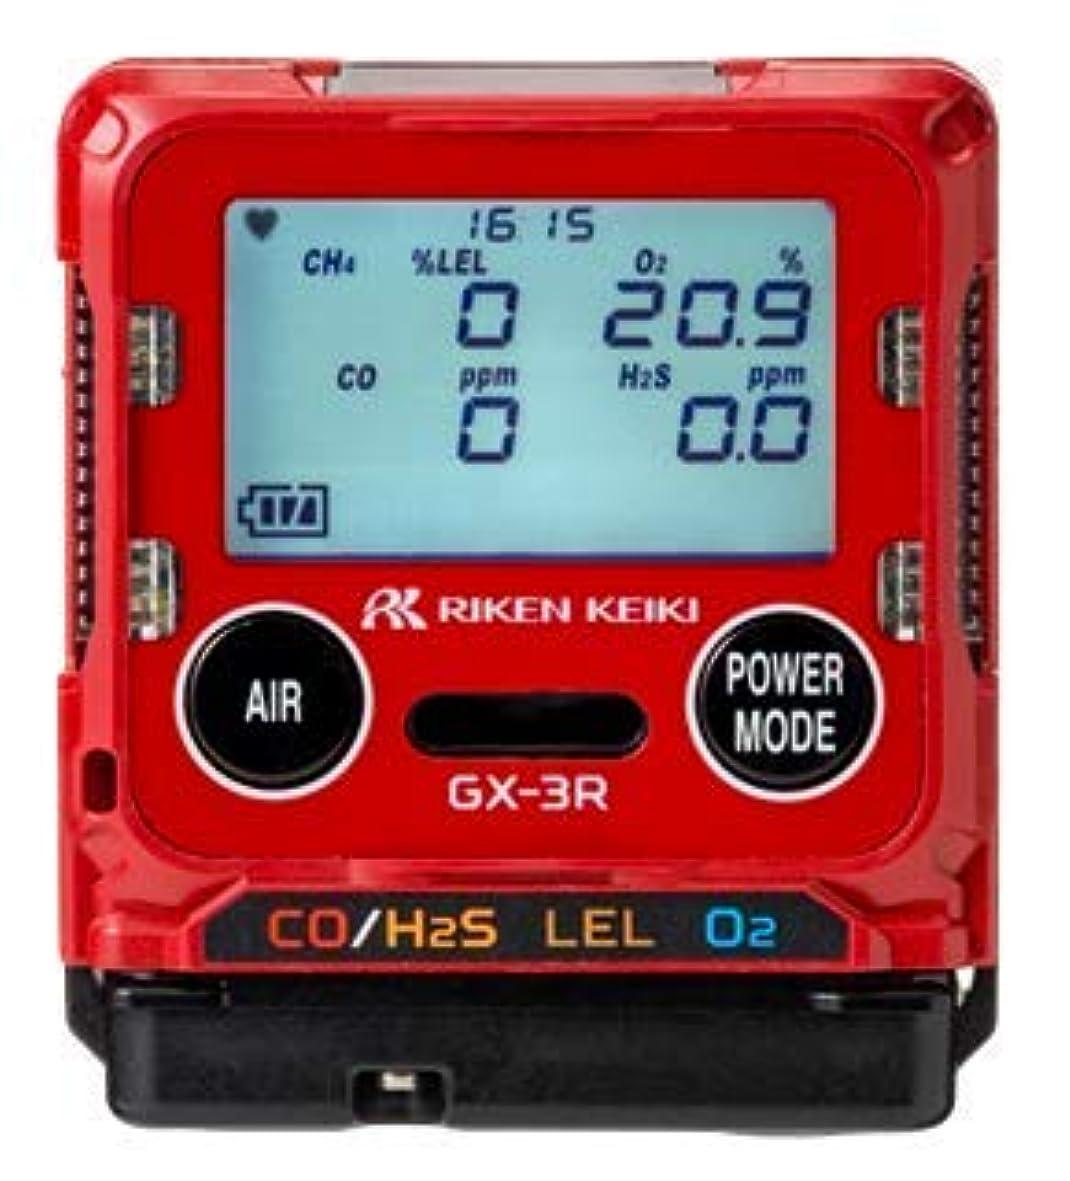 悪名高い悪名高い設計図理研計器 複合ガス検知器 ポータブル3成分ガスモニター GX-3R TYPE-B 検知対象:HC/O2/H2S